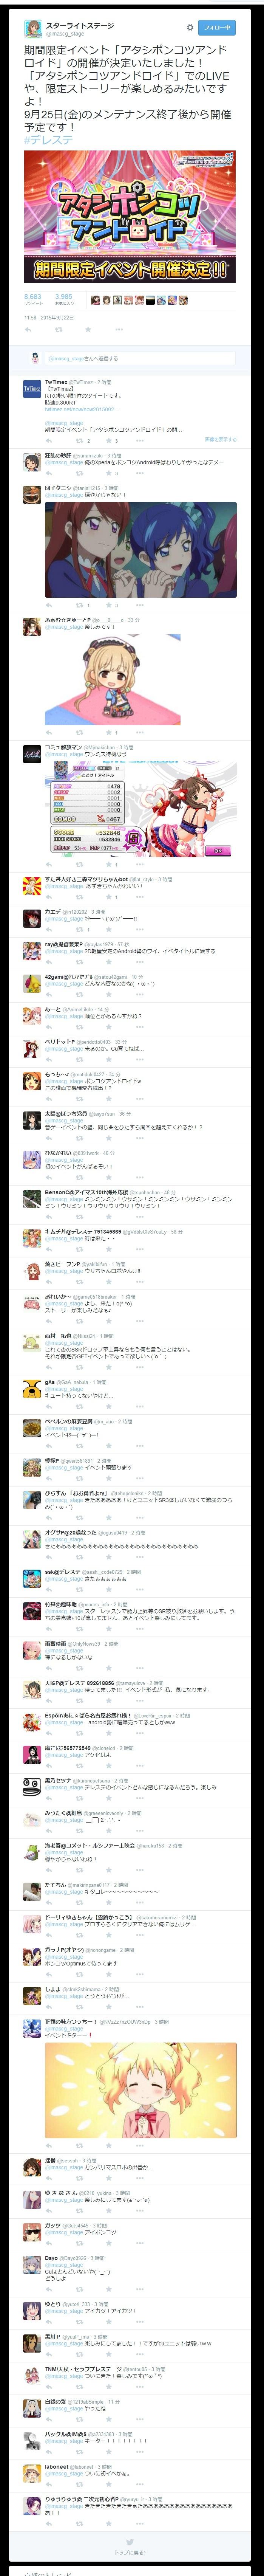 2_20150923052036137.jpg